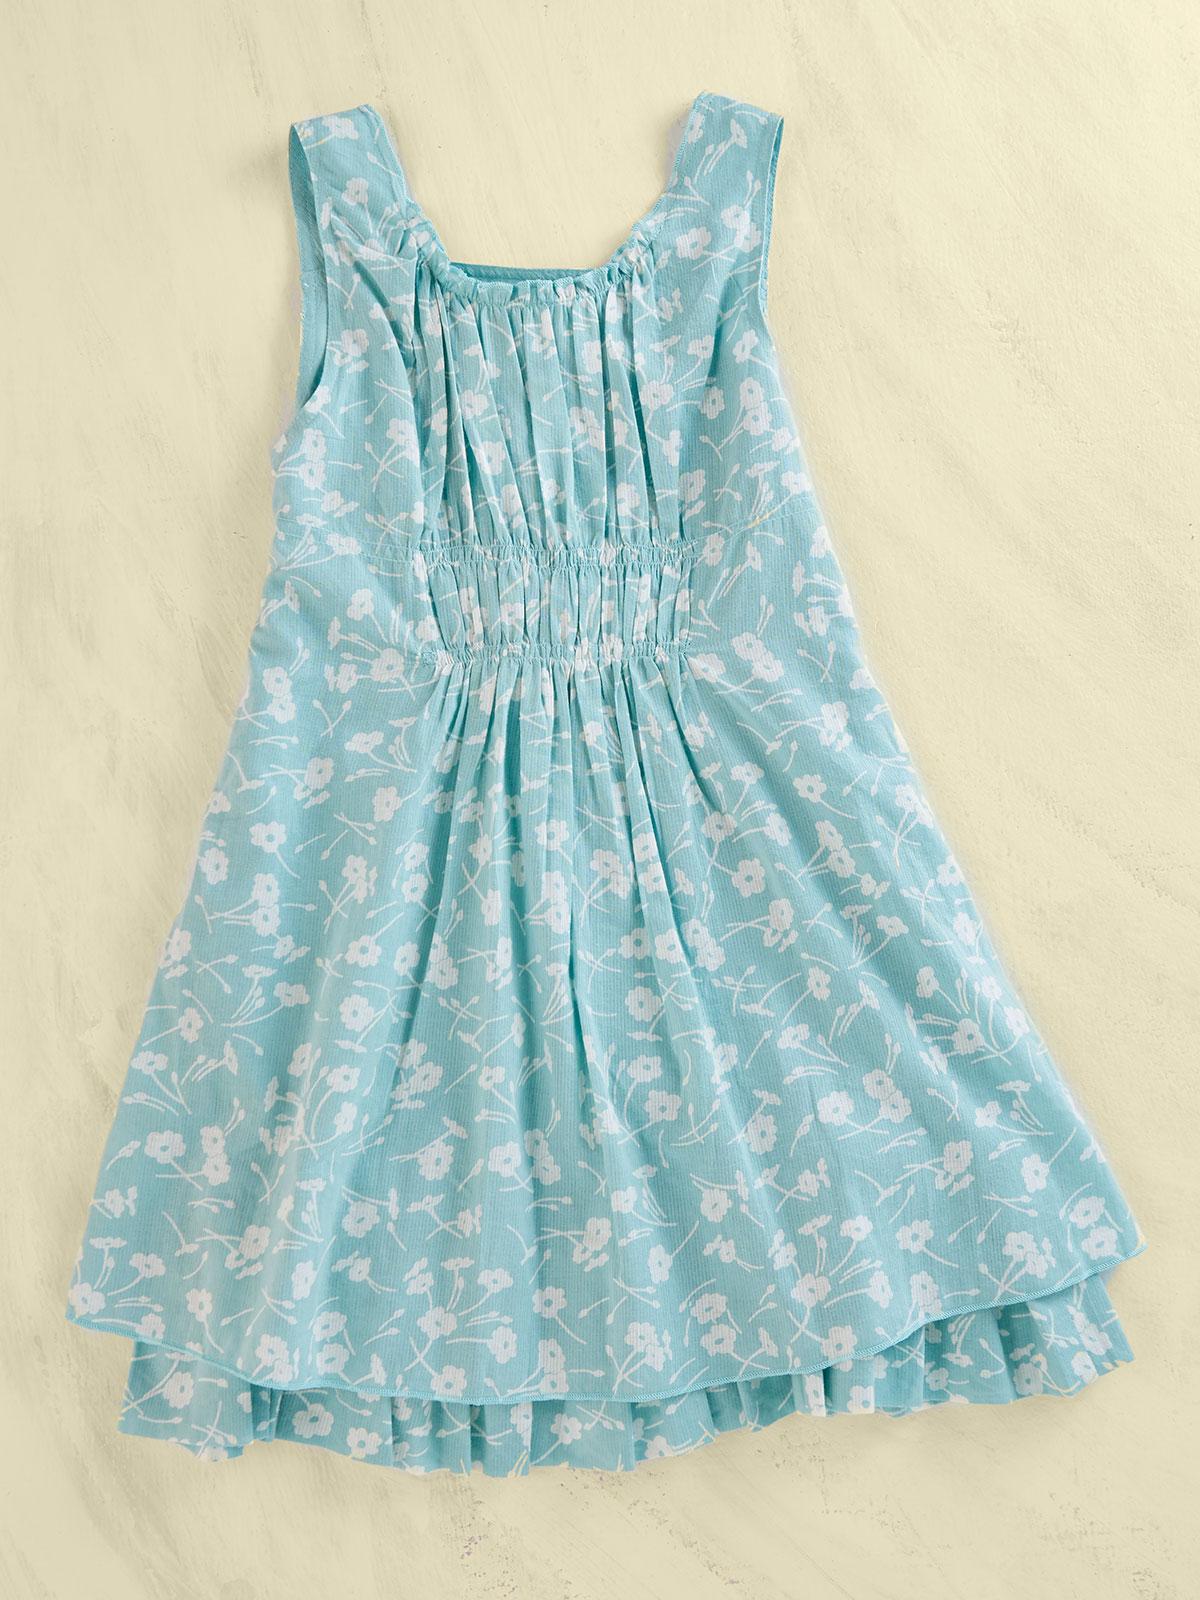 Daisy Toss Girls Dress